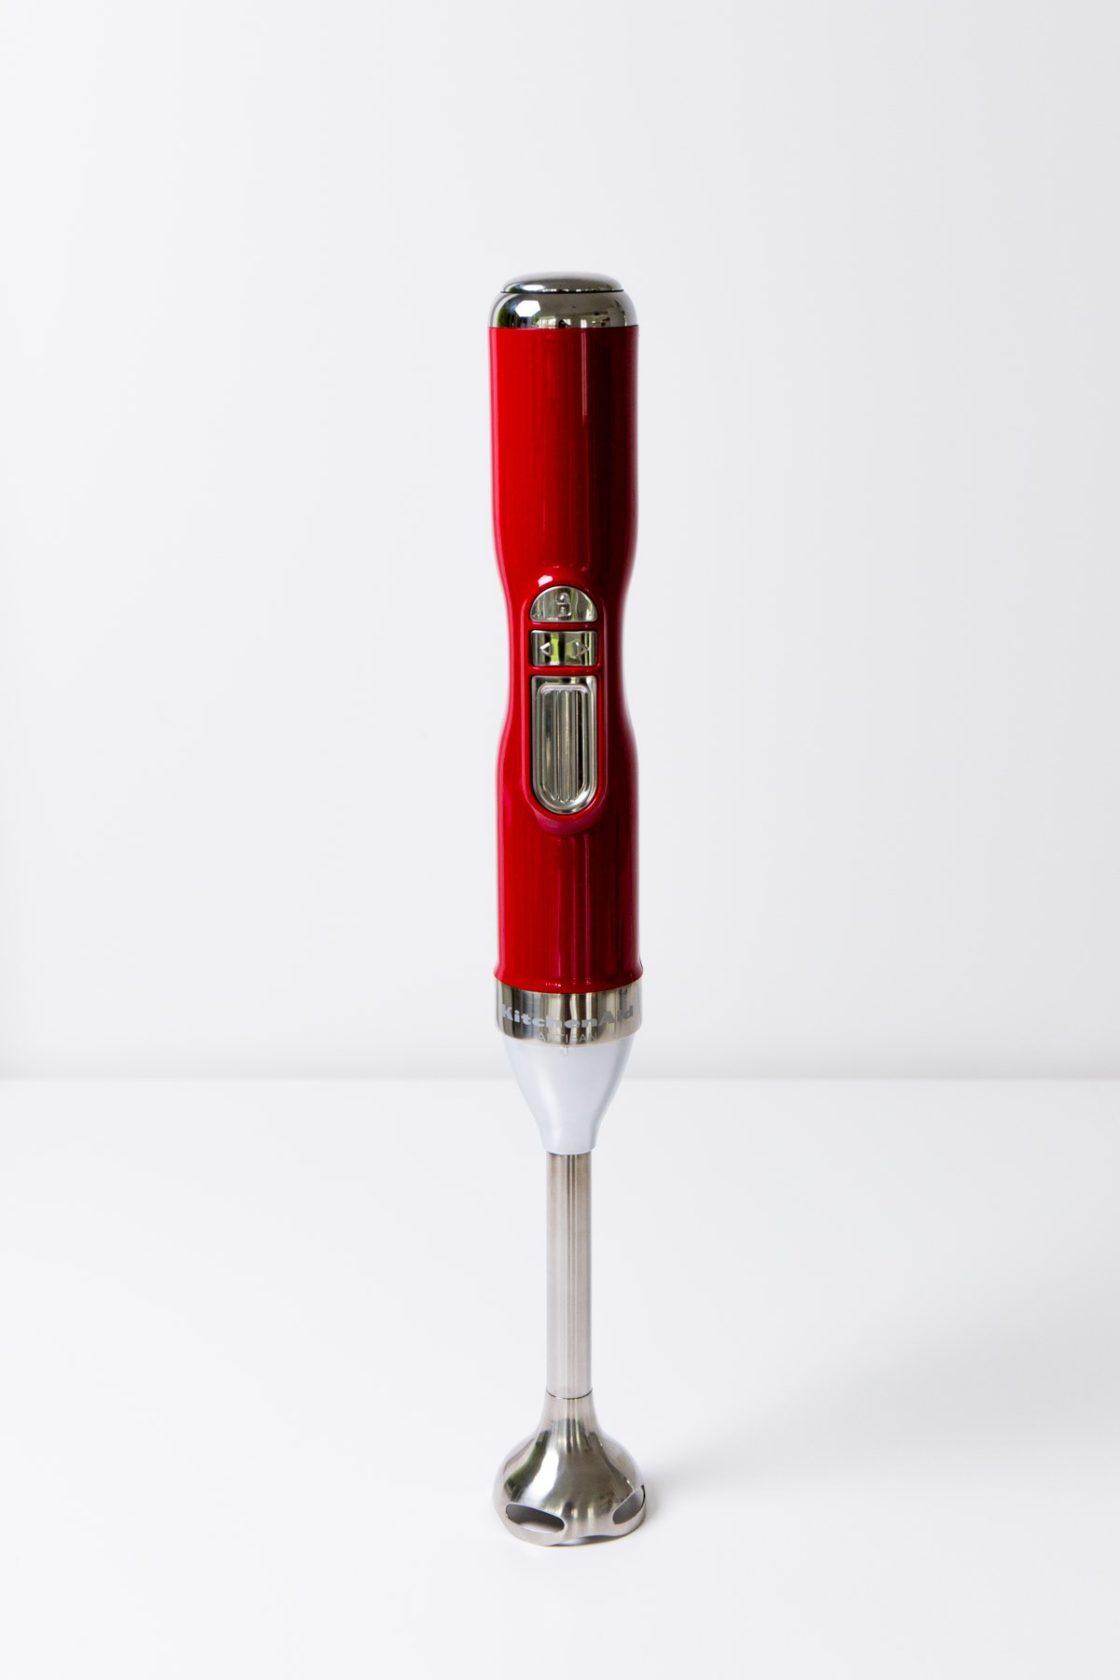 Stabmixer Im Test Kitchenaid Artisan 5khb3583 Berliner